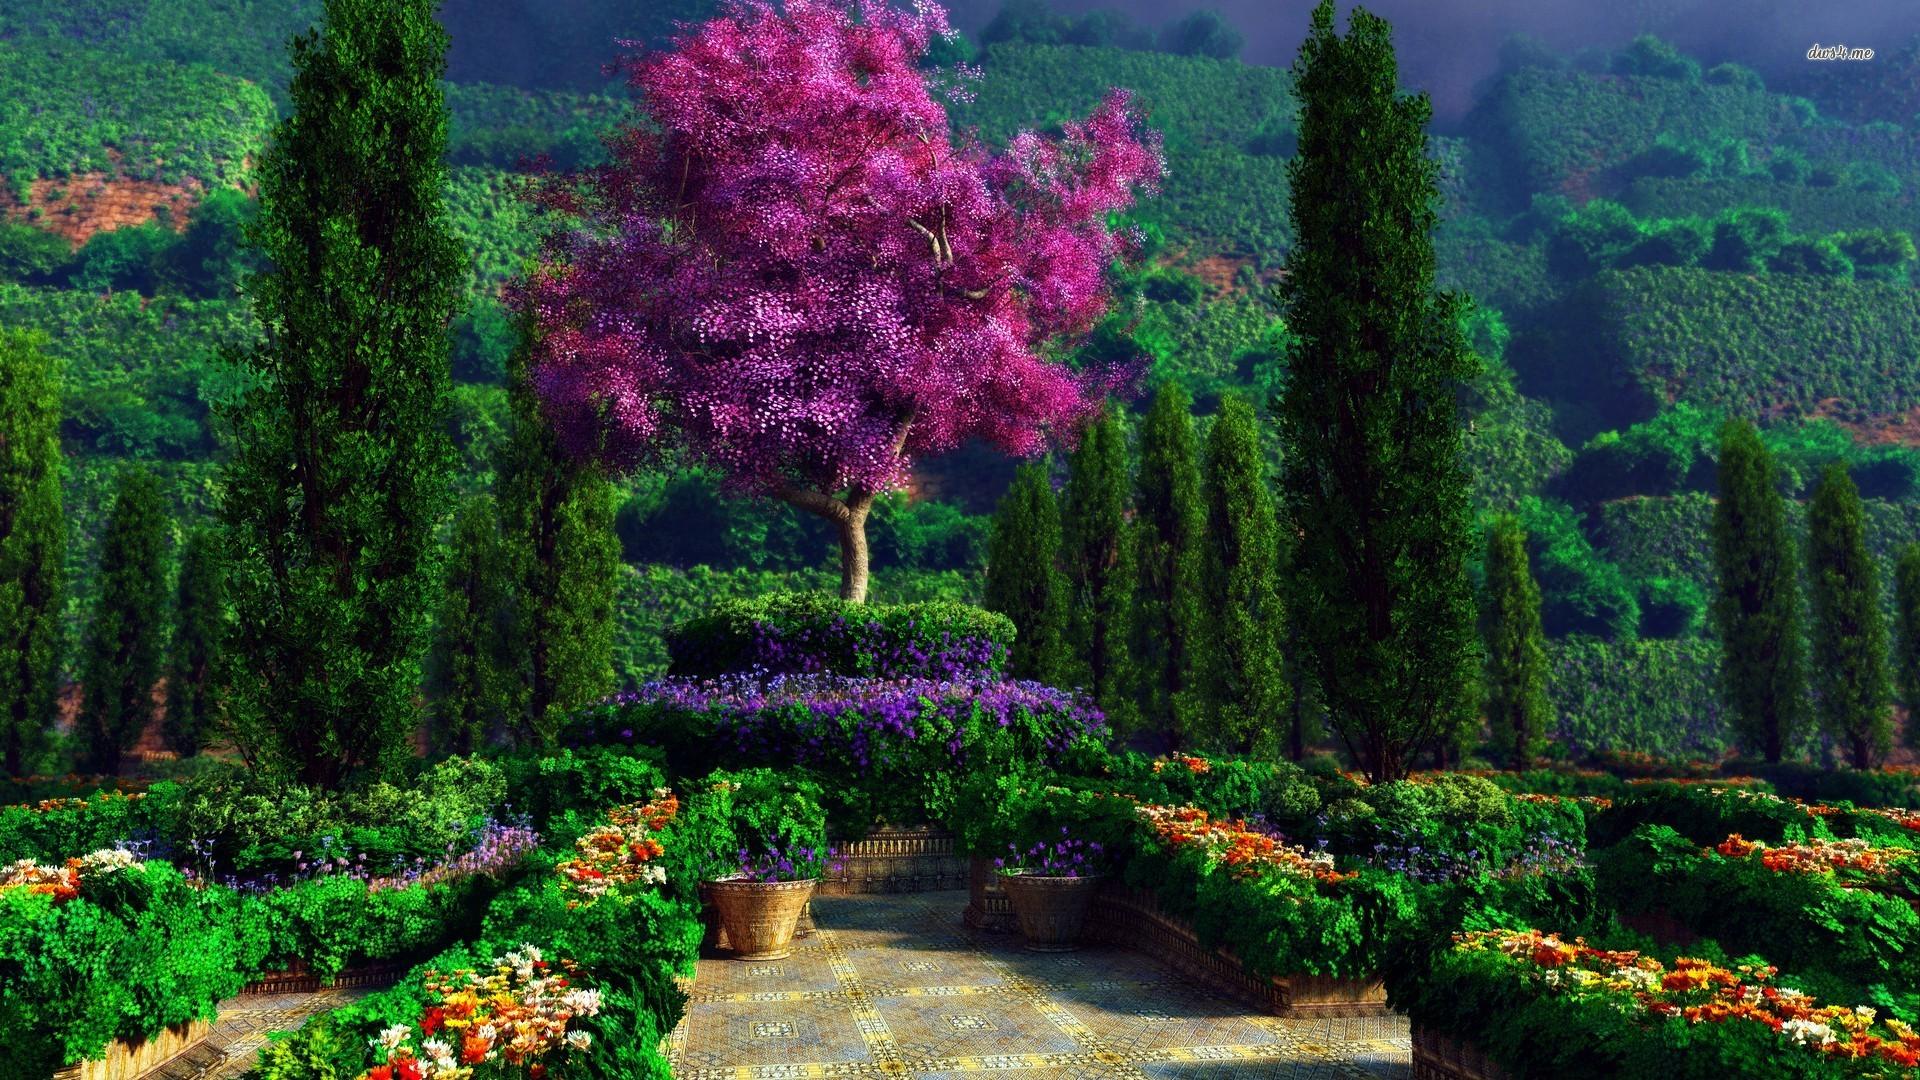 1920X1080 HD Garden Wallpaper